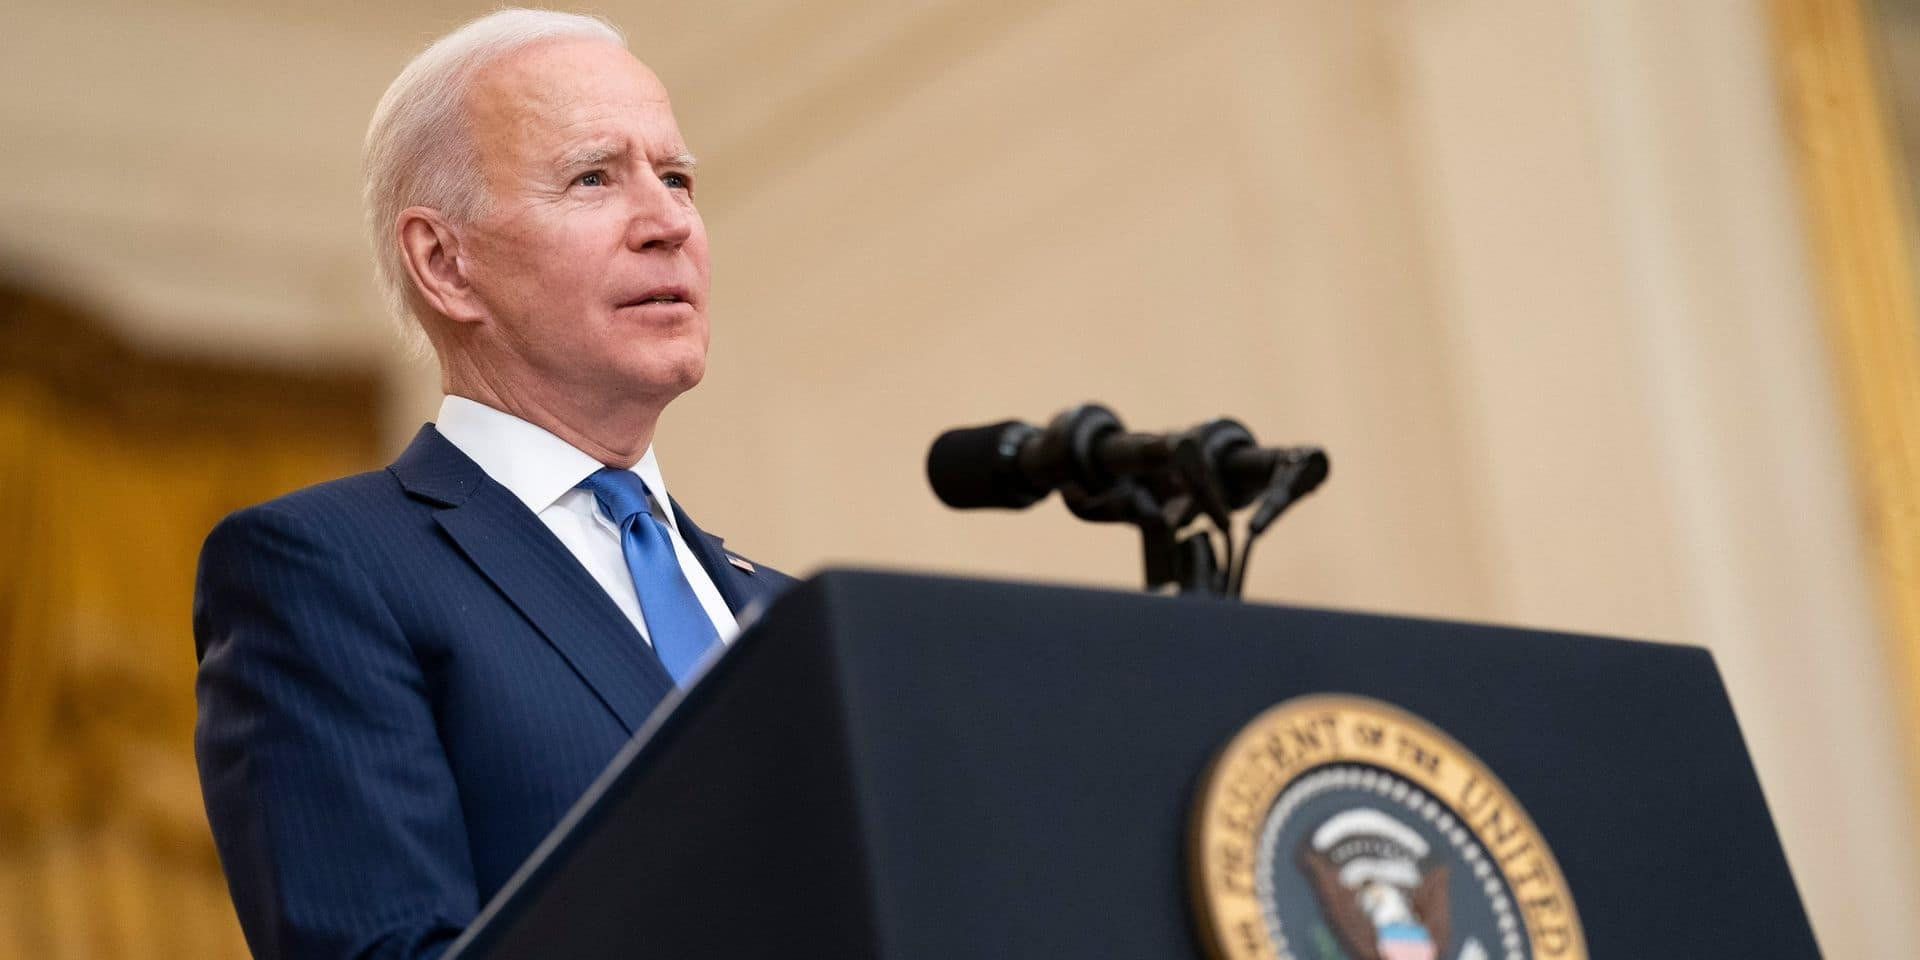 RDC: alors que Trump les avait suspendues, Joe Biden réimpose les sanctions contre le milliardaire israélien Dan Gertler